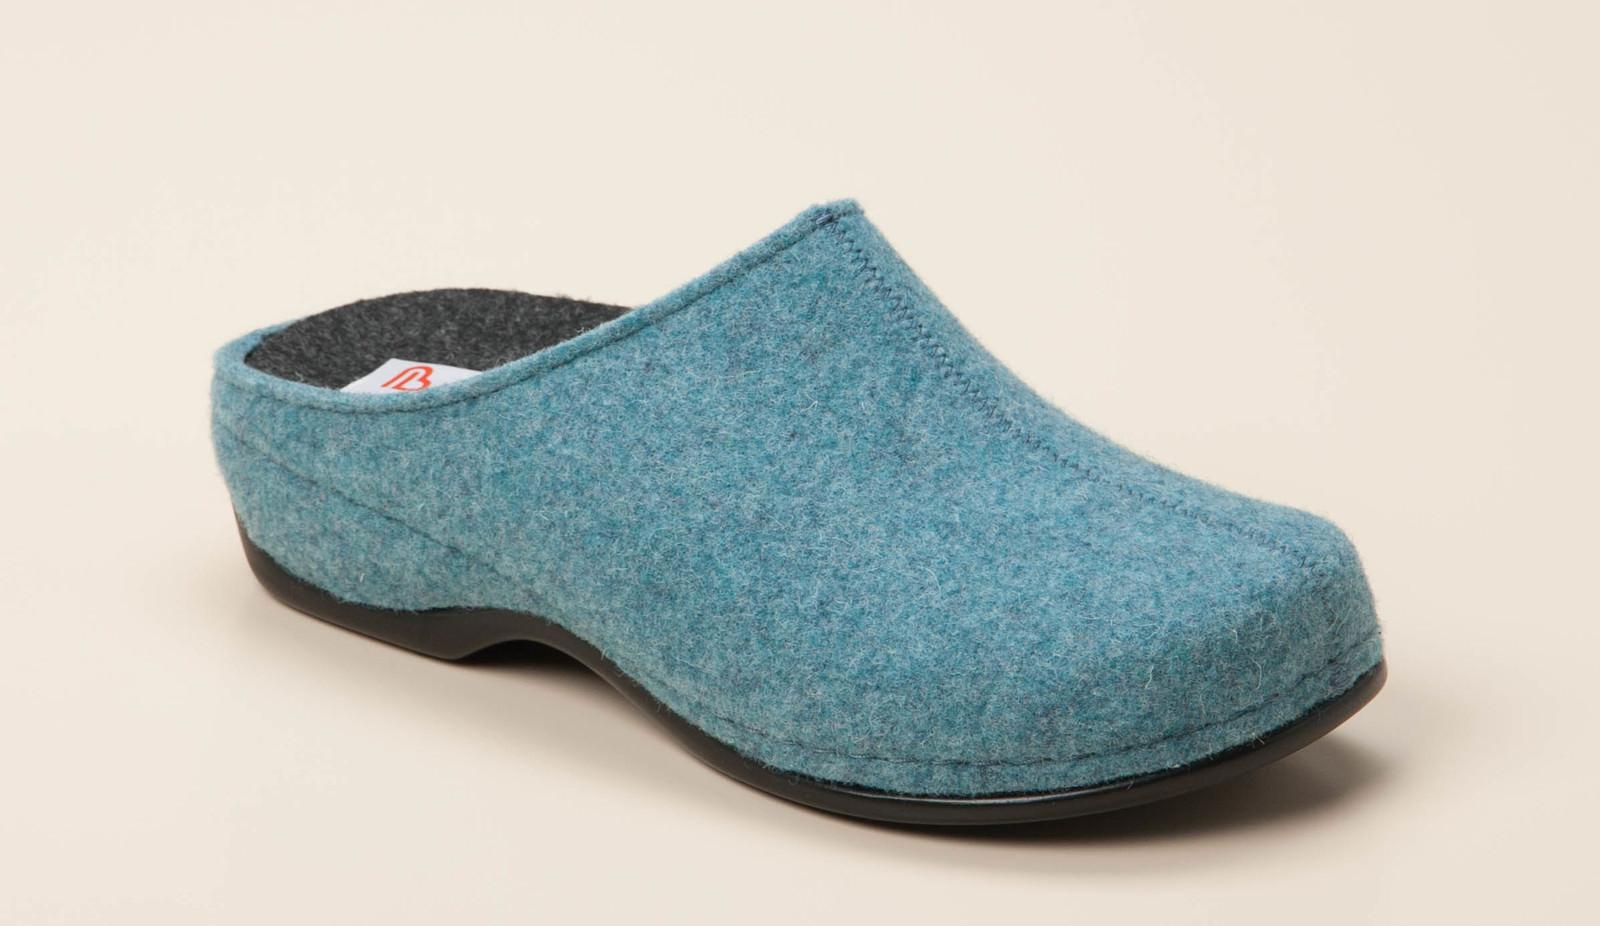 Berkemann Damen Hausschuh in hellblau kaufen   Zumnorde Online-Shop 2366d12795